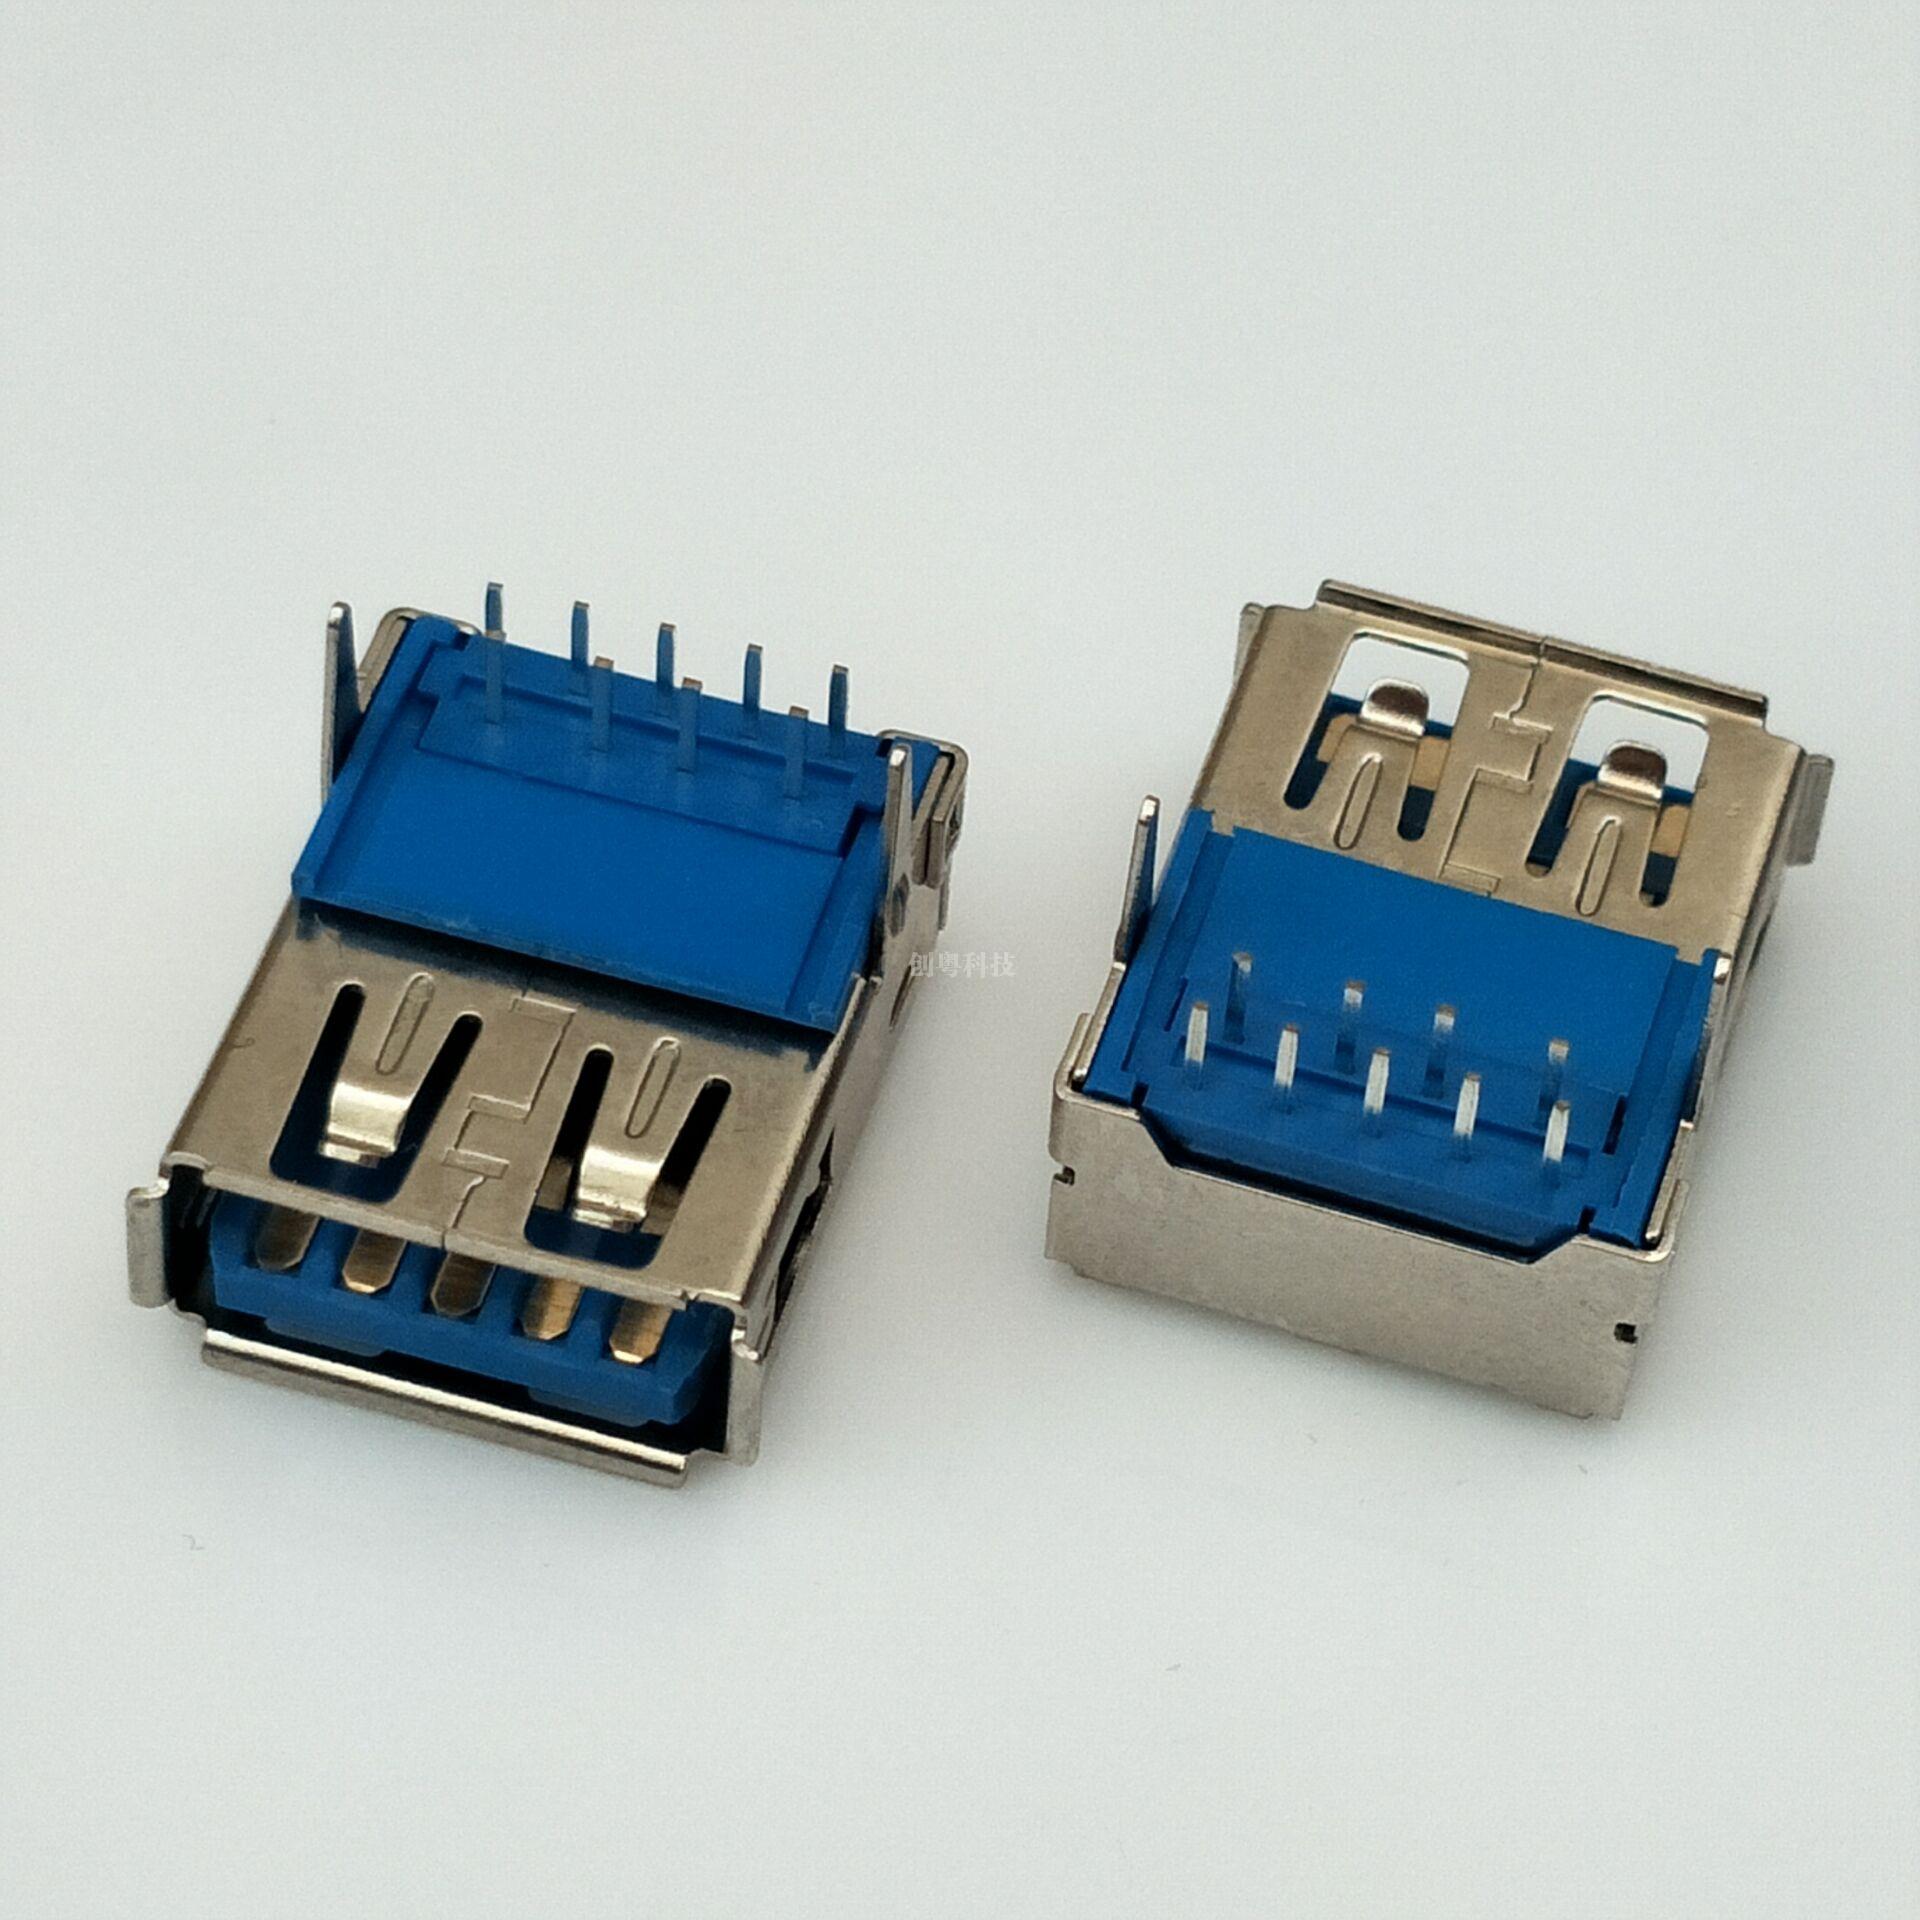 USB 3.0 直脚卷边母座